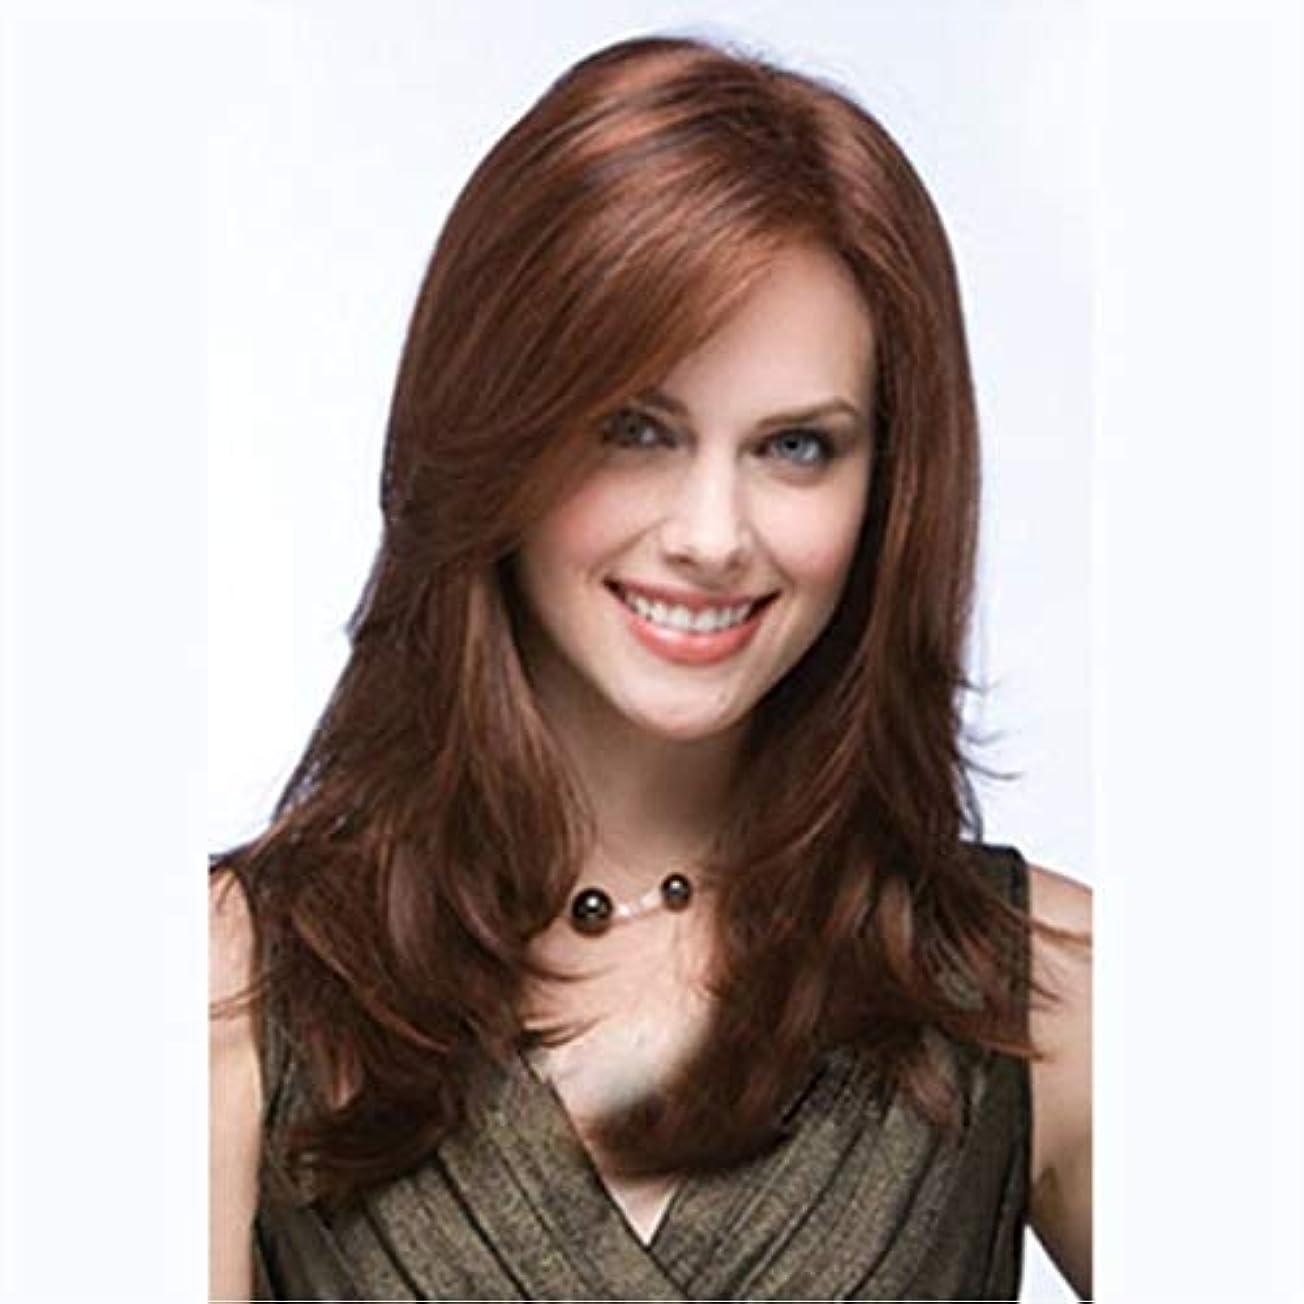 デッドロックレビュアーブレーキSummerys かつら斜め前髪ブラウンロングカーリーヘアーロングナチュラルウェーブミドルパート合成かつら用女性耐熱性